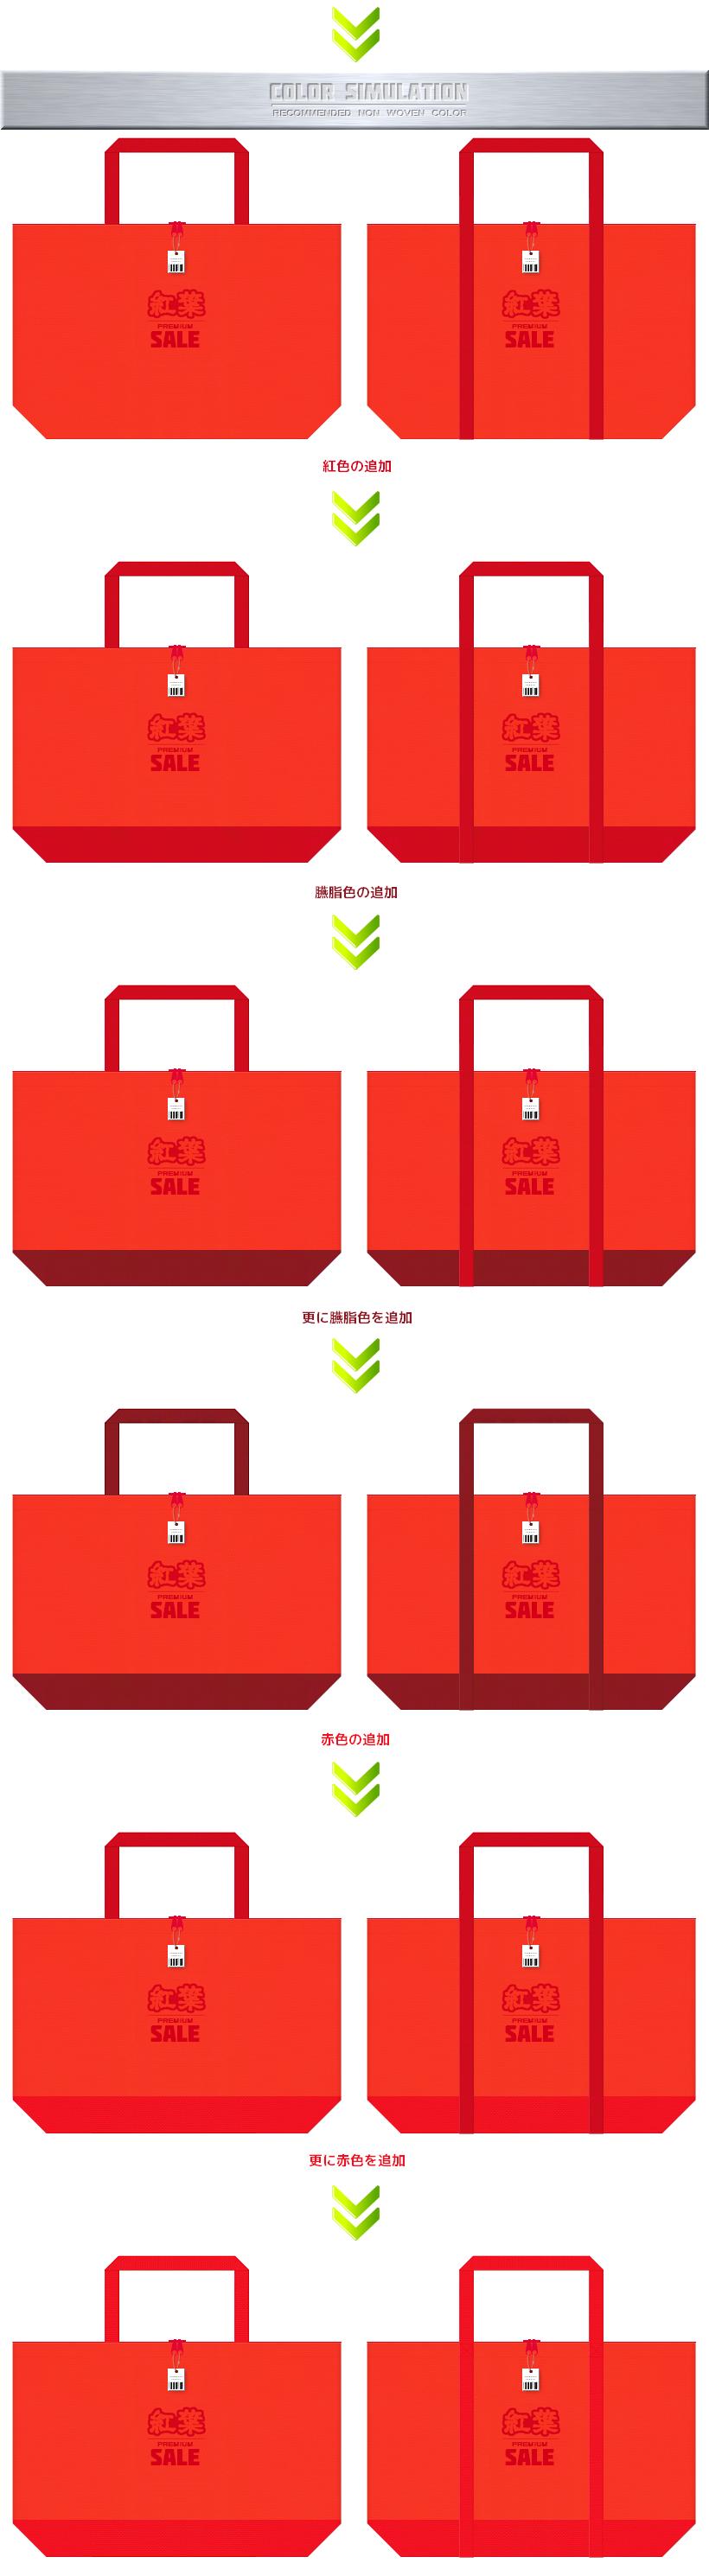 オレンジ色・臙脂色・紅色・赤色の不織布を使った不織布バッグのデザイン:紅葉・オータムセールのショッピングバッグ